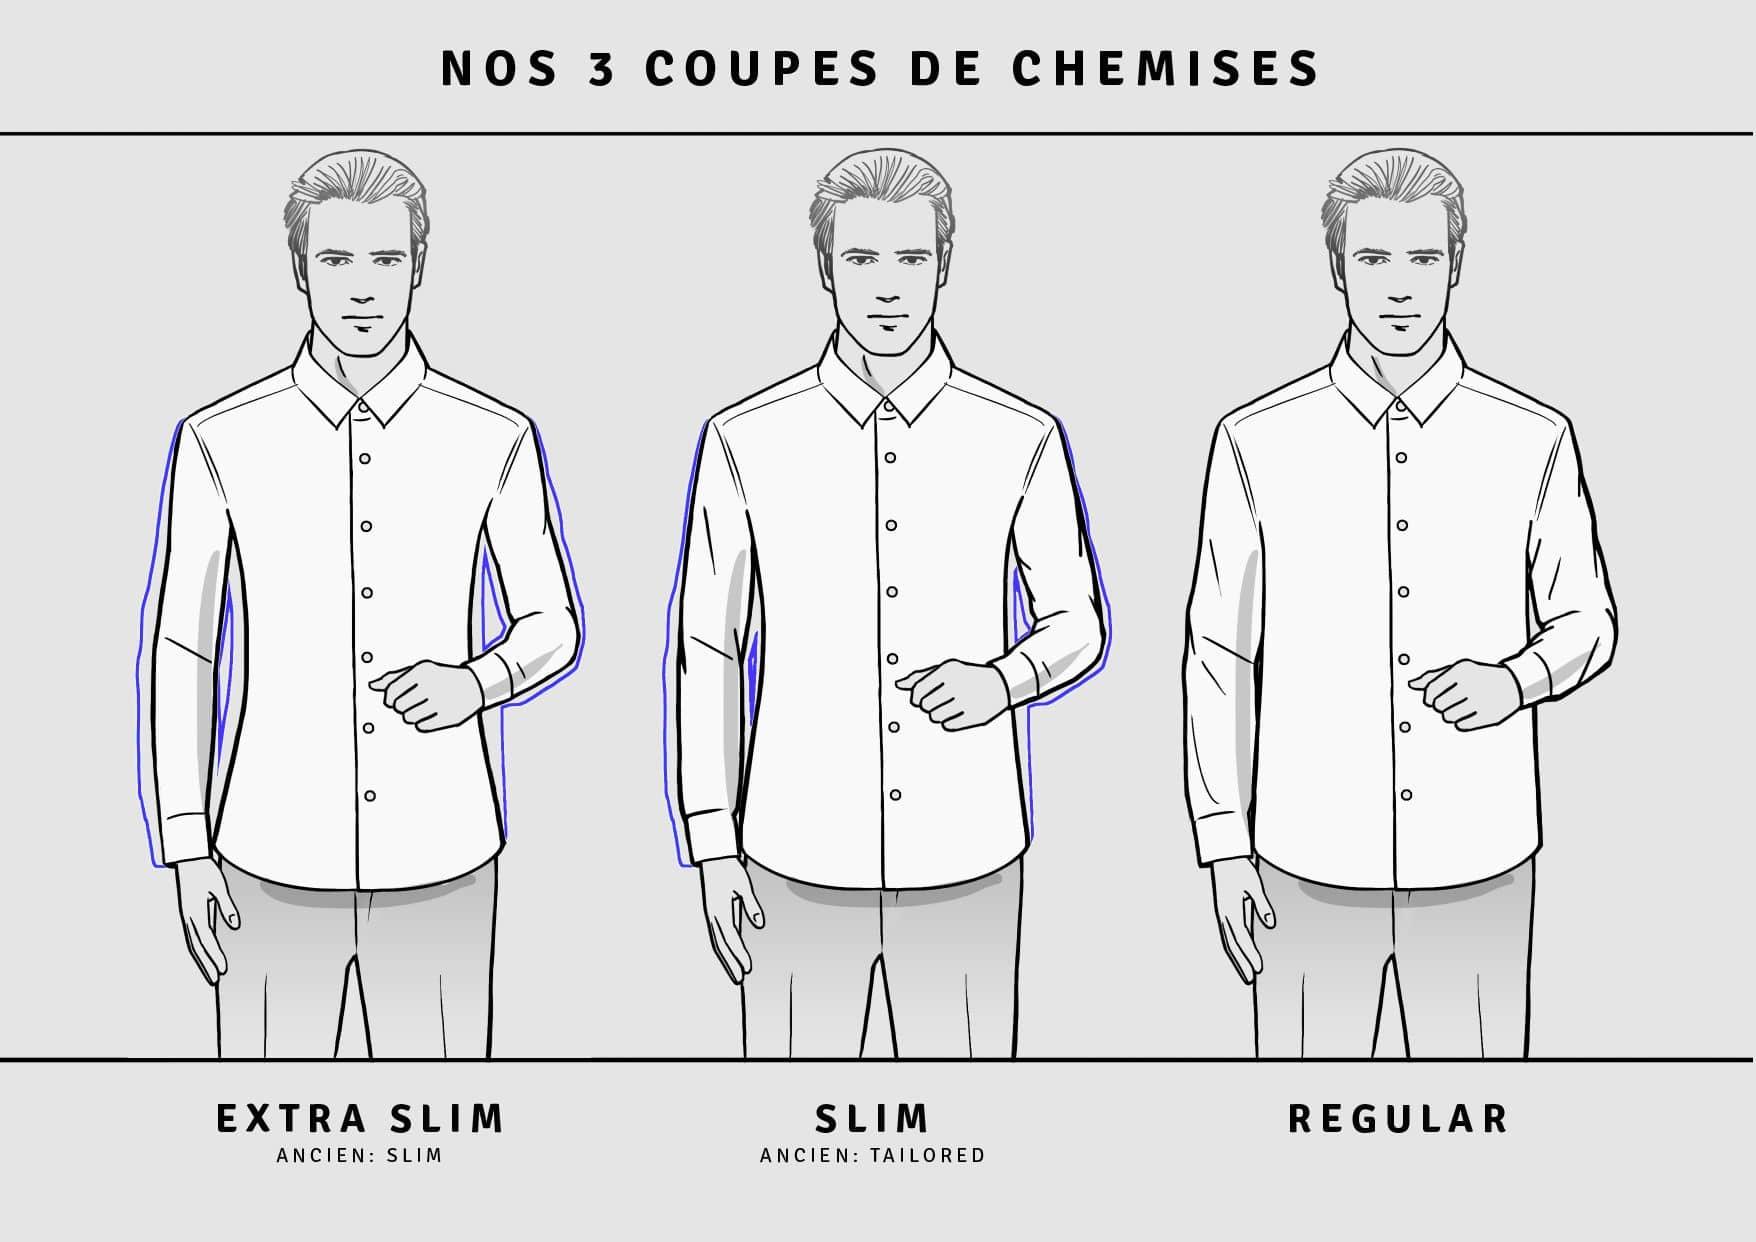 Nos-3-coupes-de-chemises